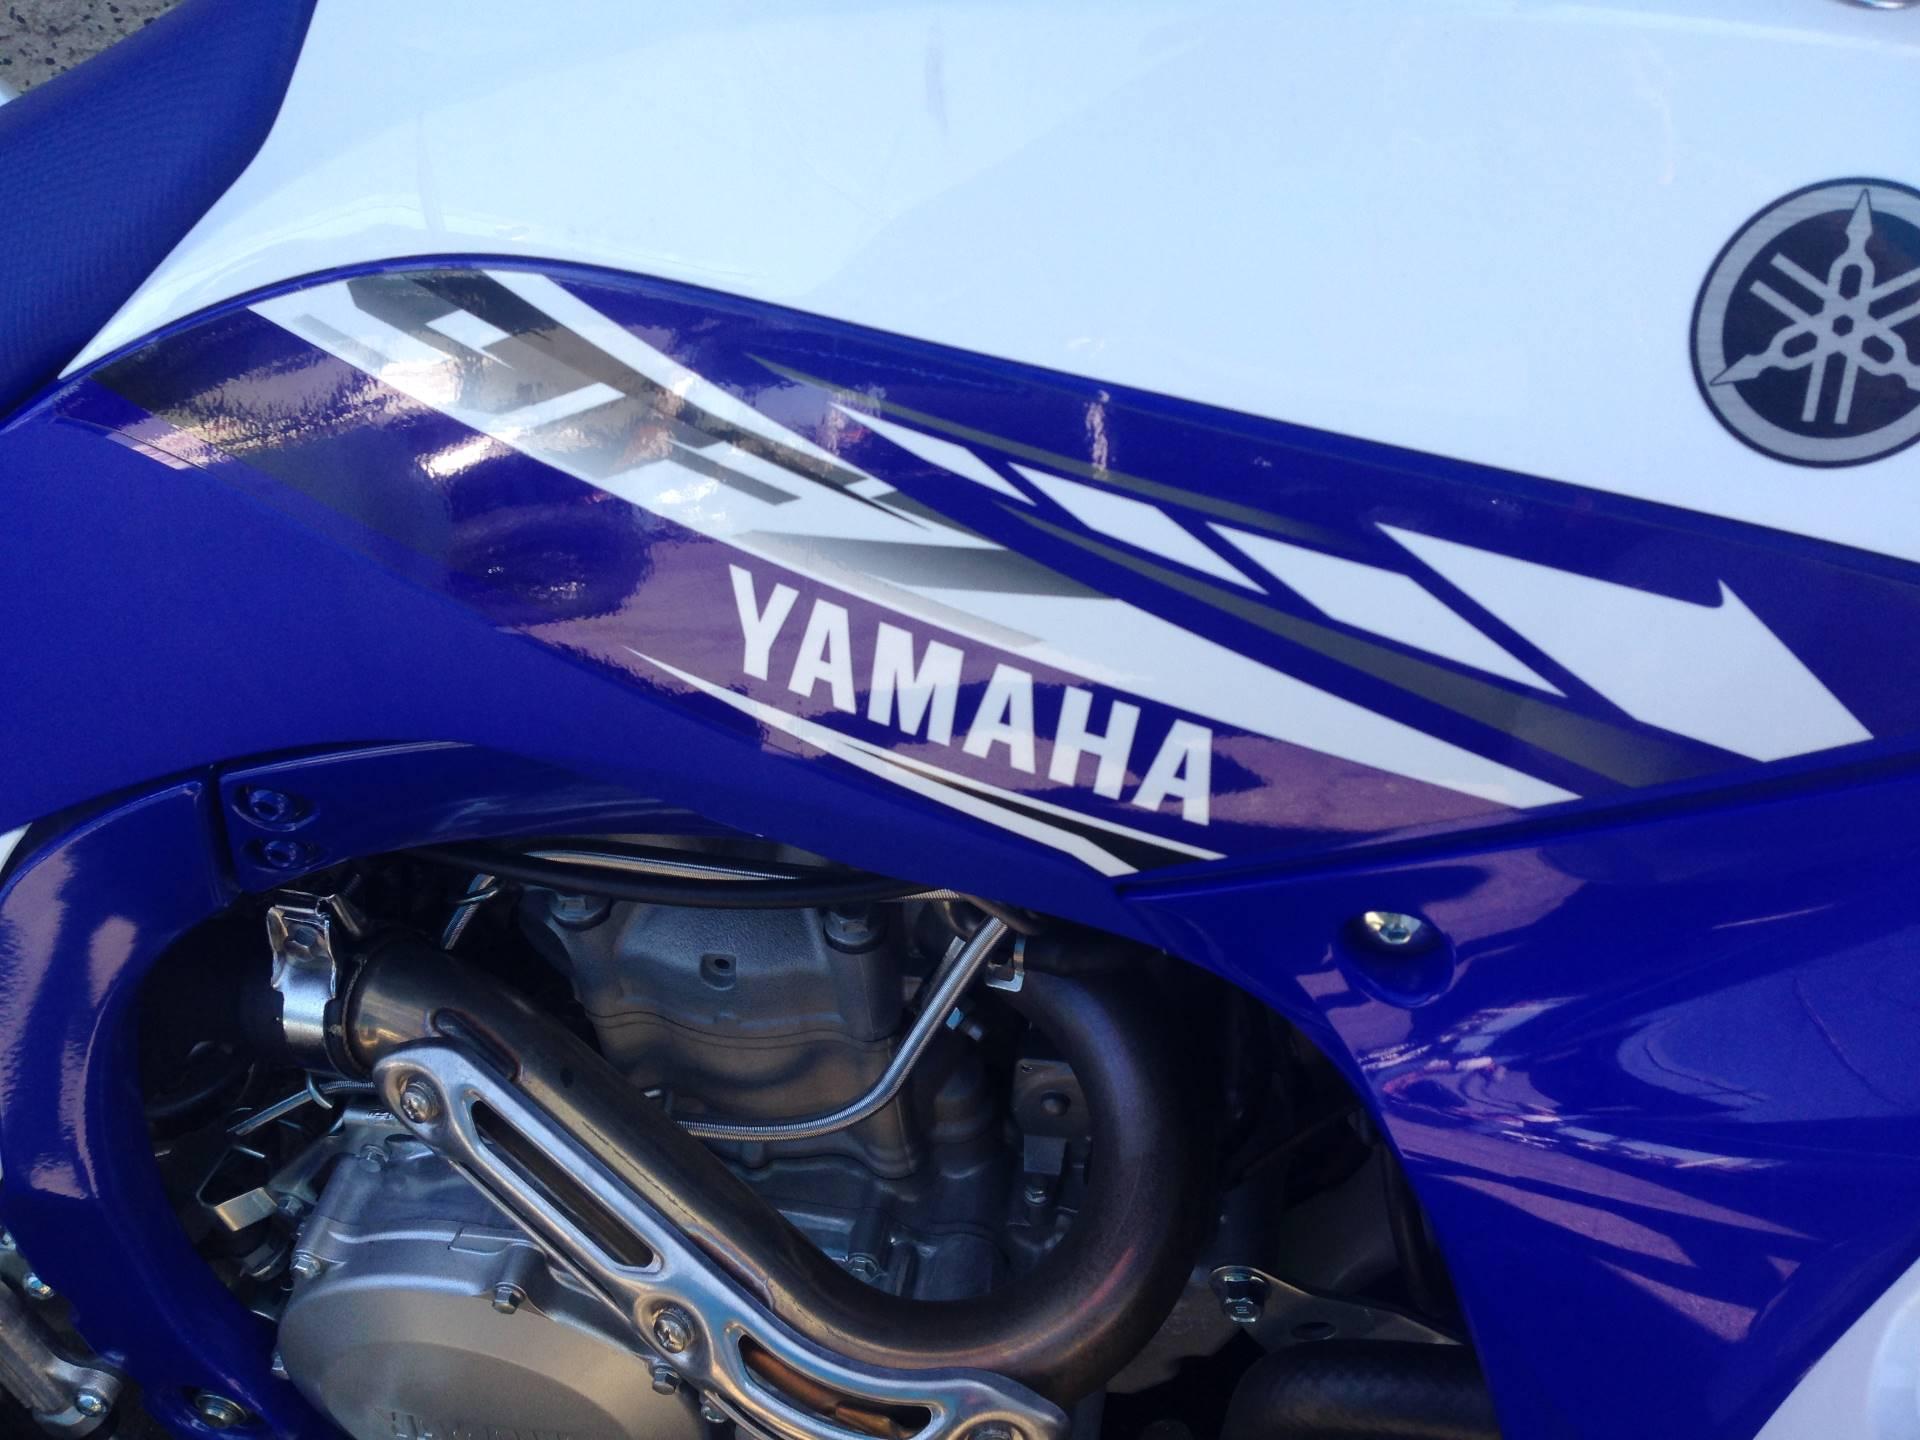 2017 Yamaha YFZ450R 3